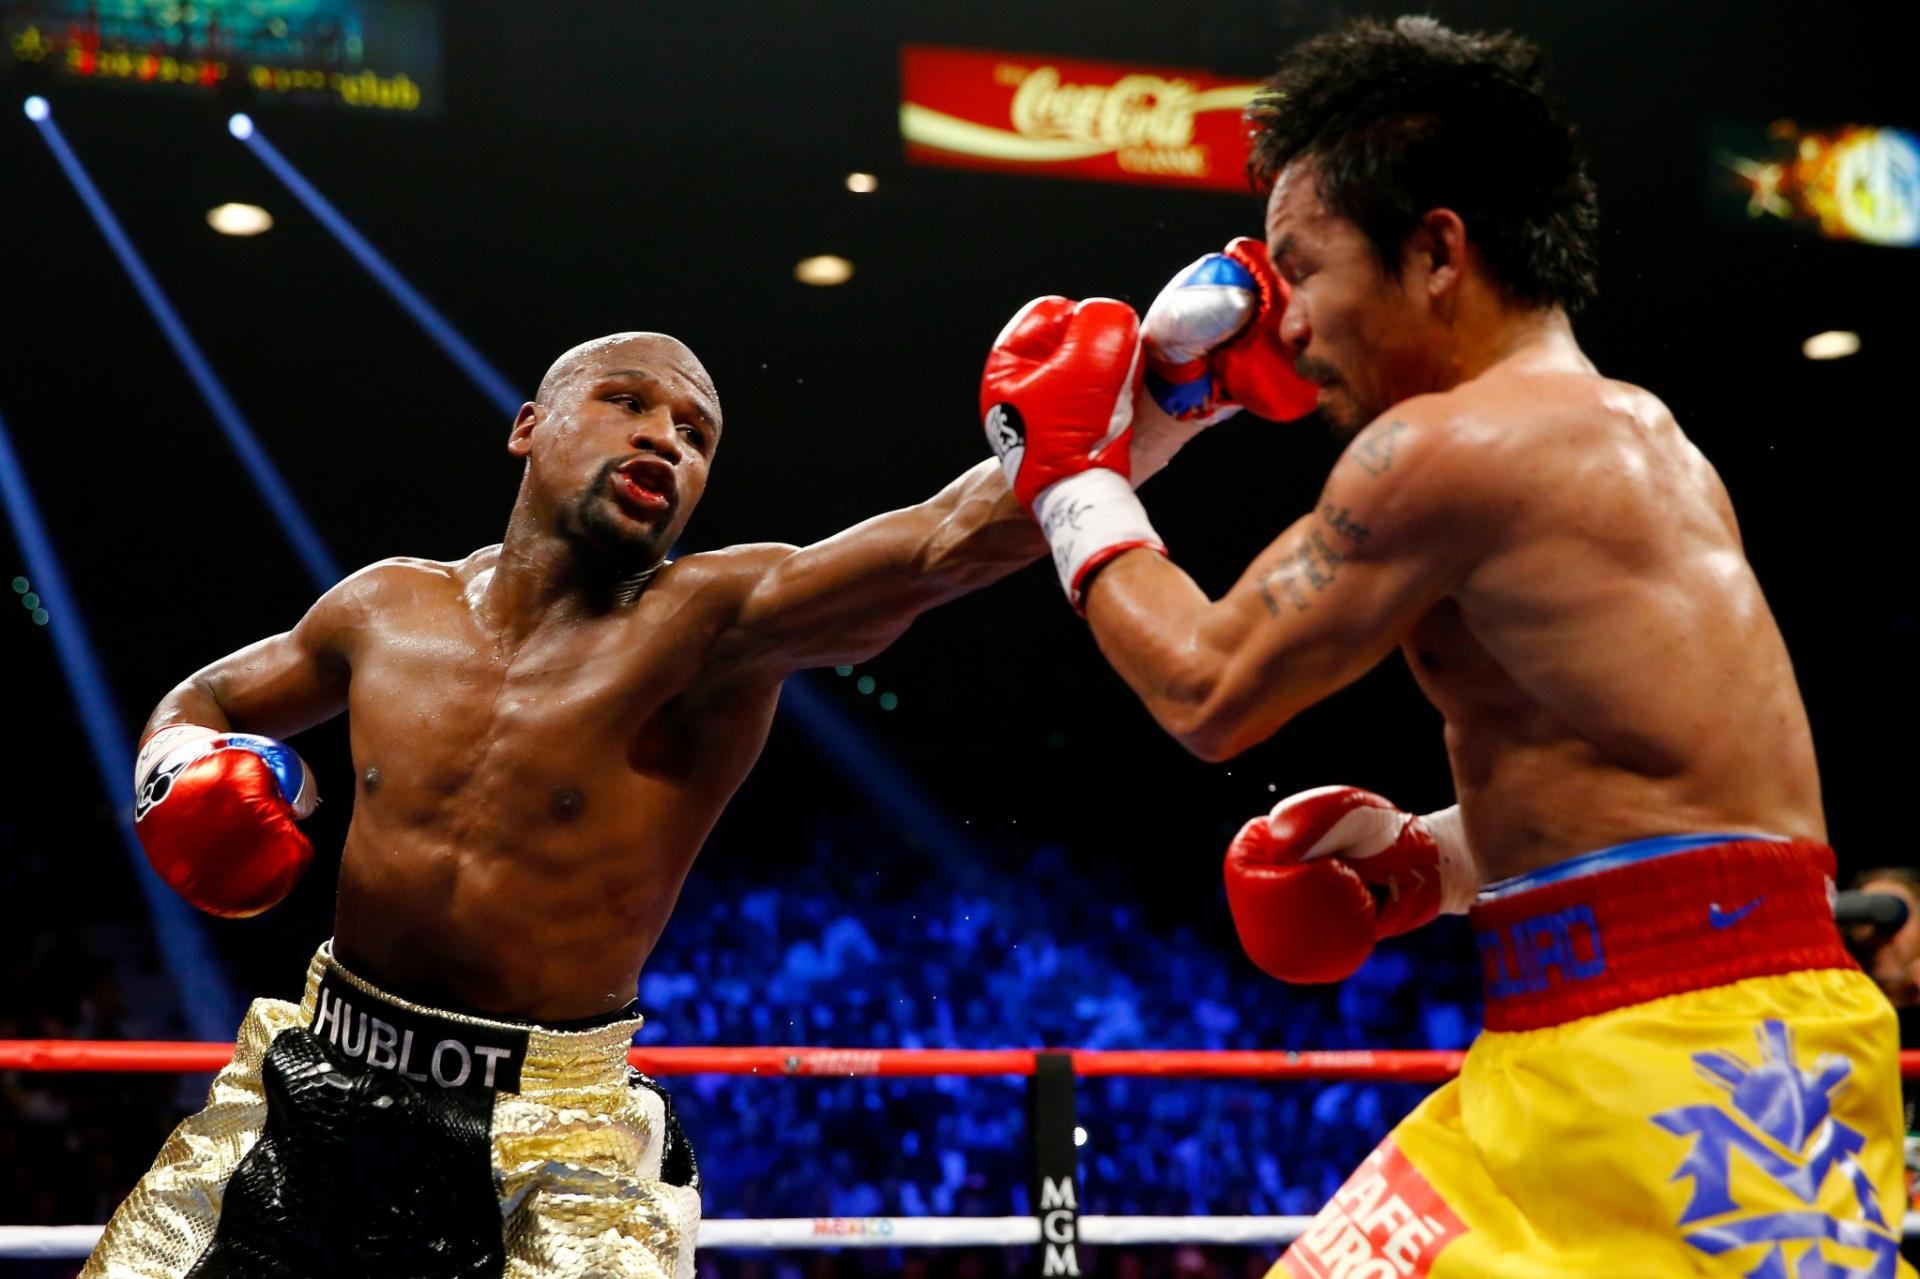 Mayweather acerta um jab no rosto de Manny Pacquiao